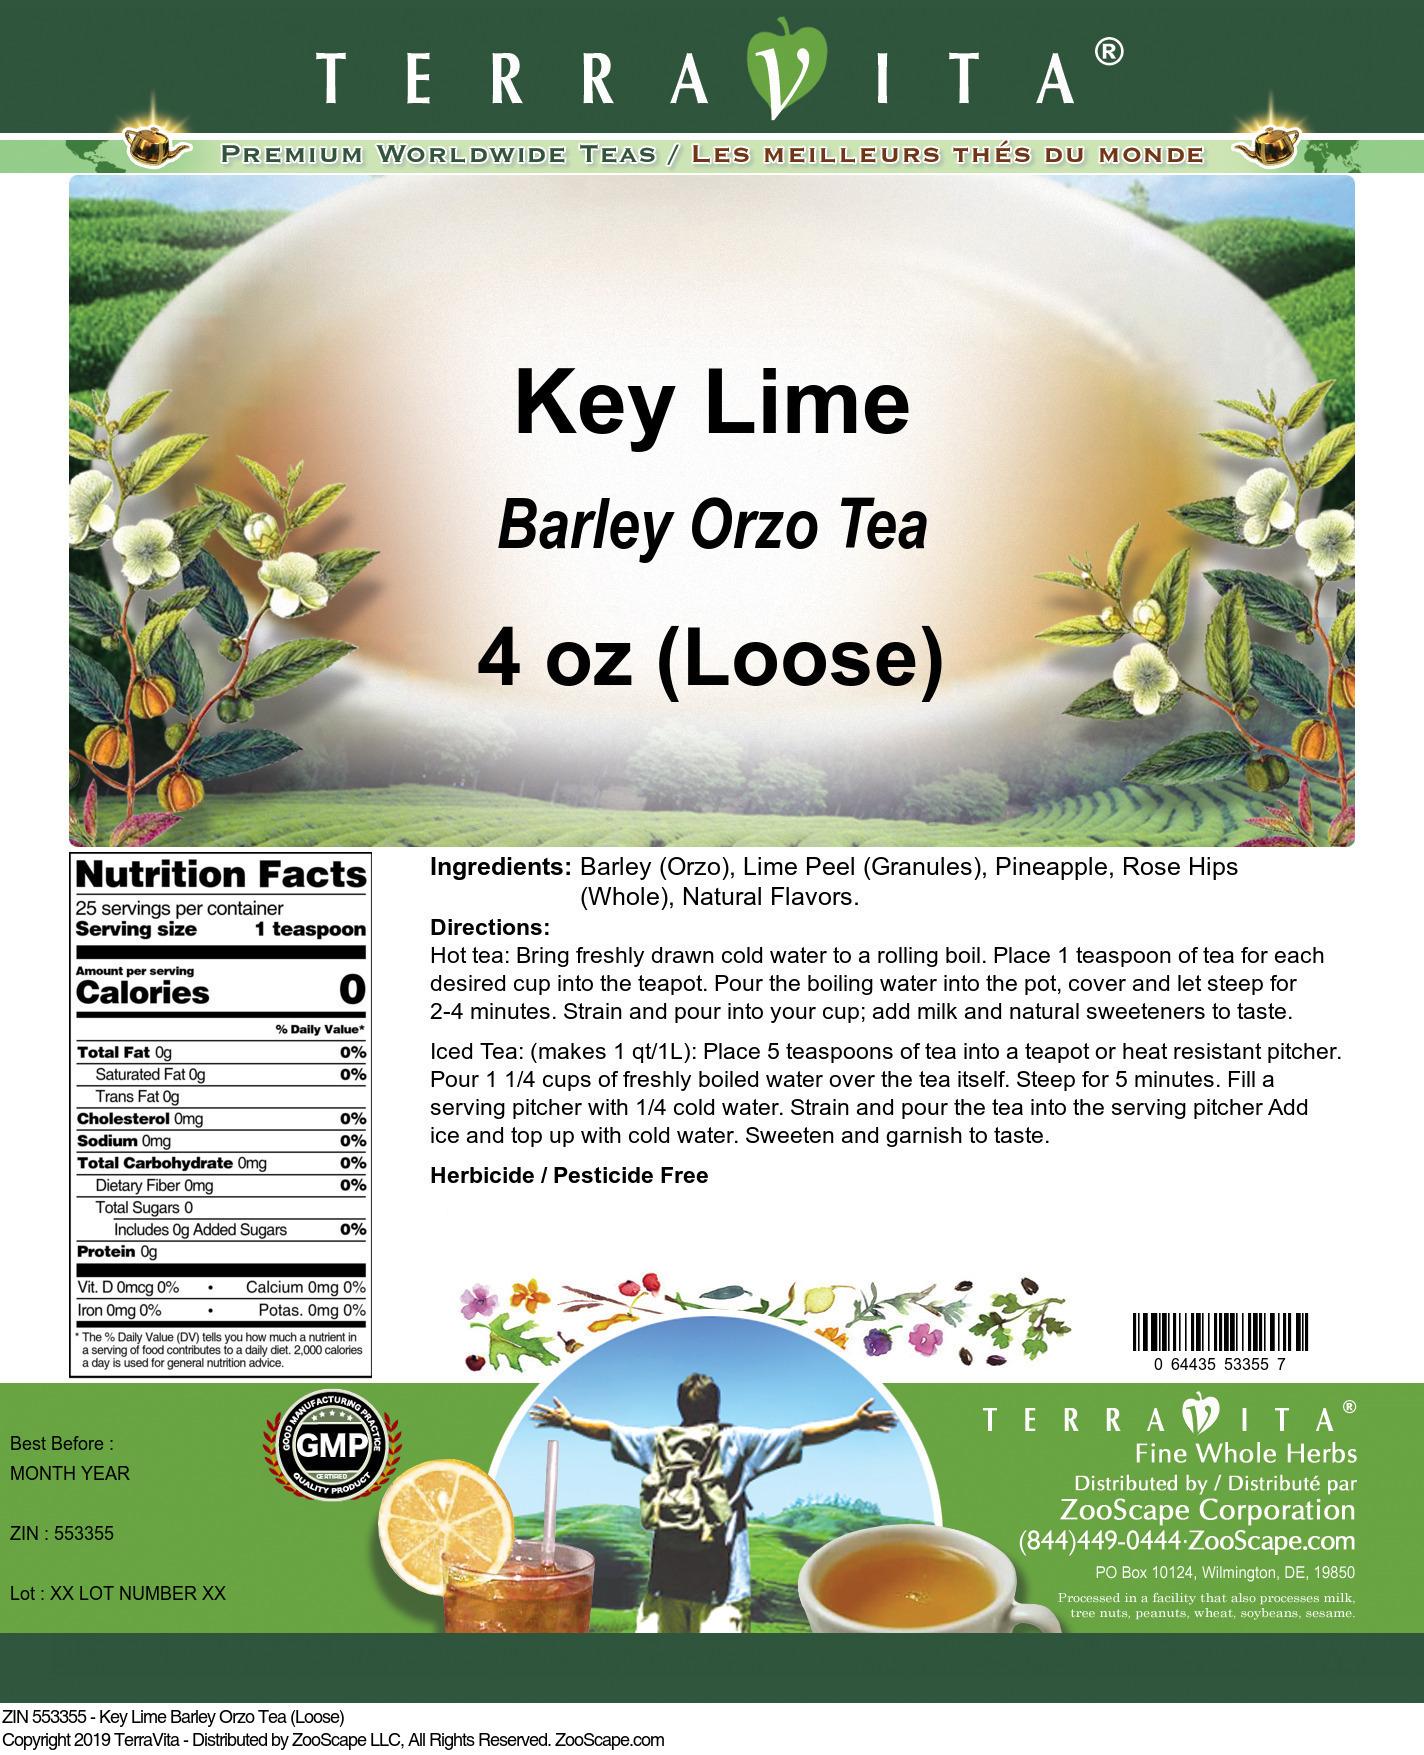 Key Lime Barley Orzo